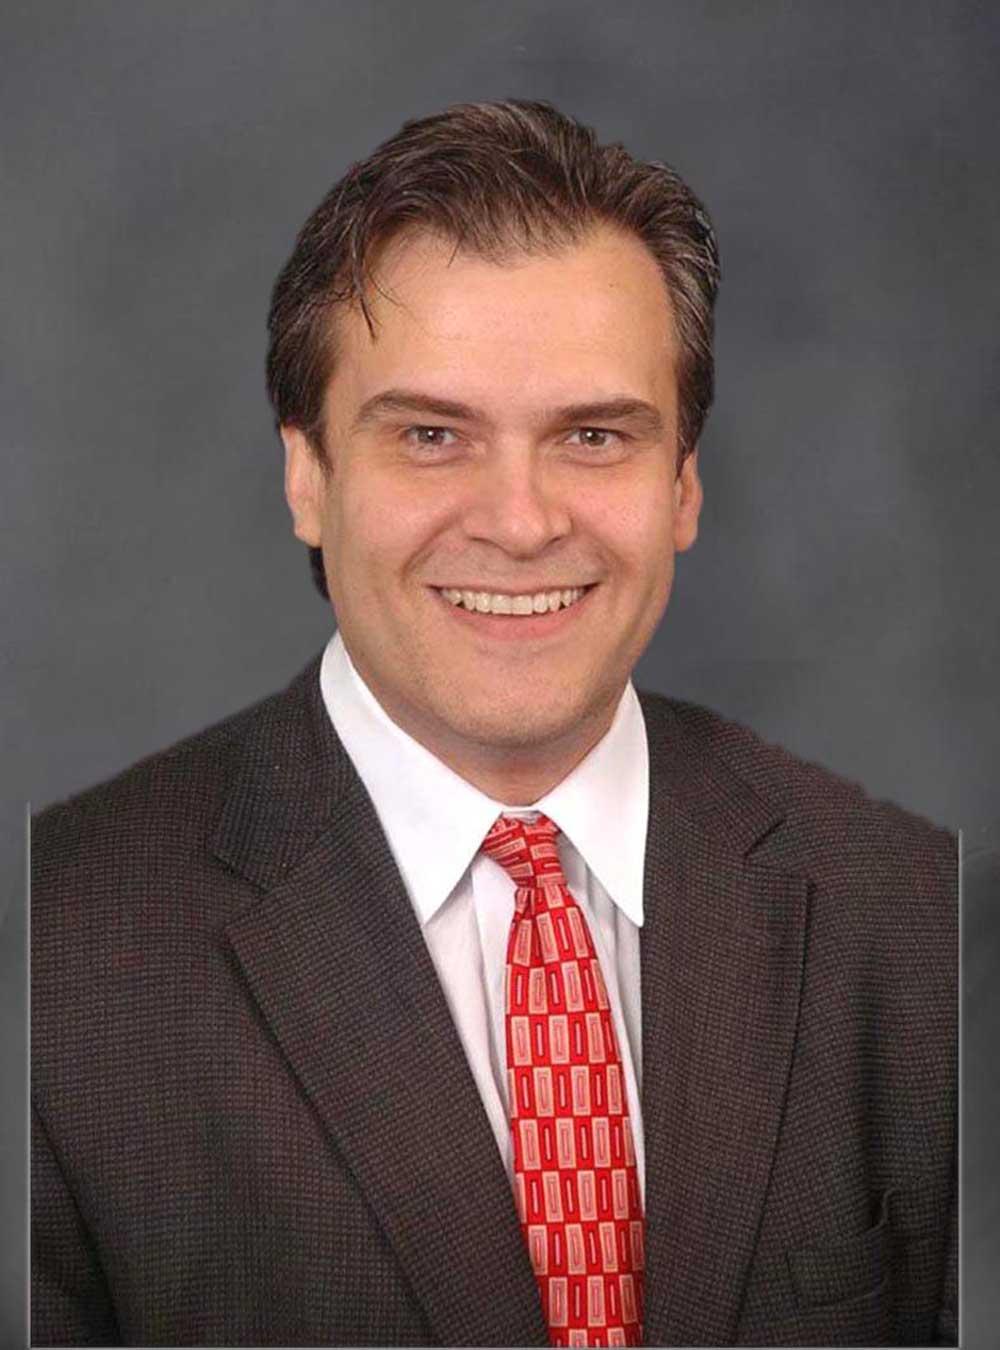 Portrait of Ediberto Roman